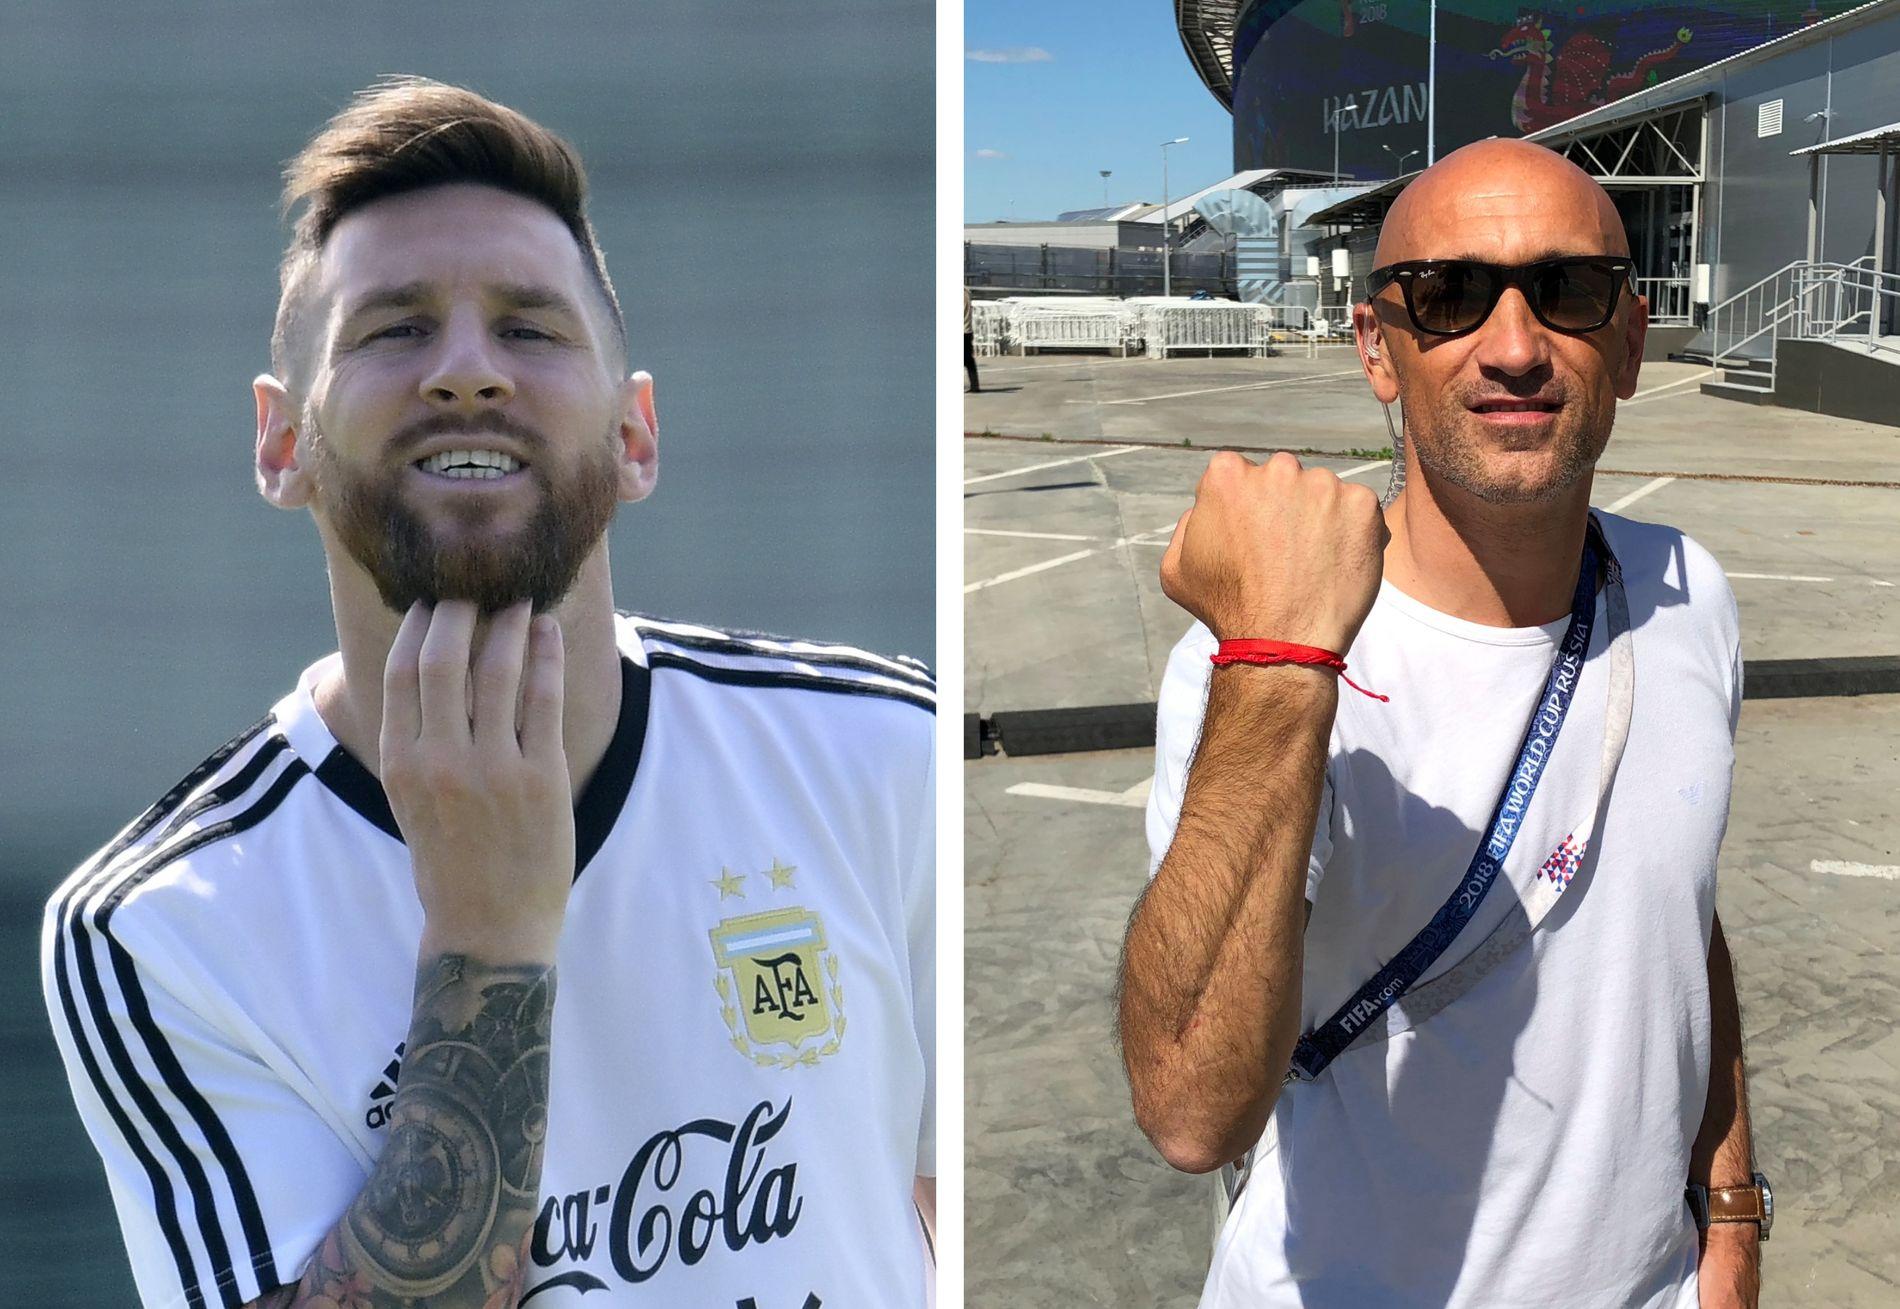 BÅND FOR LIVET: Rama Pantorotto (t.h.) kommer neppe til å ta av seg dette røde båndet. Lionel Messi (t.v.), her nyfrisert dagen før åttedelsfinale mot Frankrike, bærer nemlig tvillingbåndet.